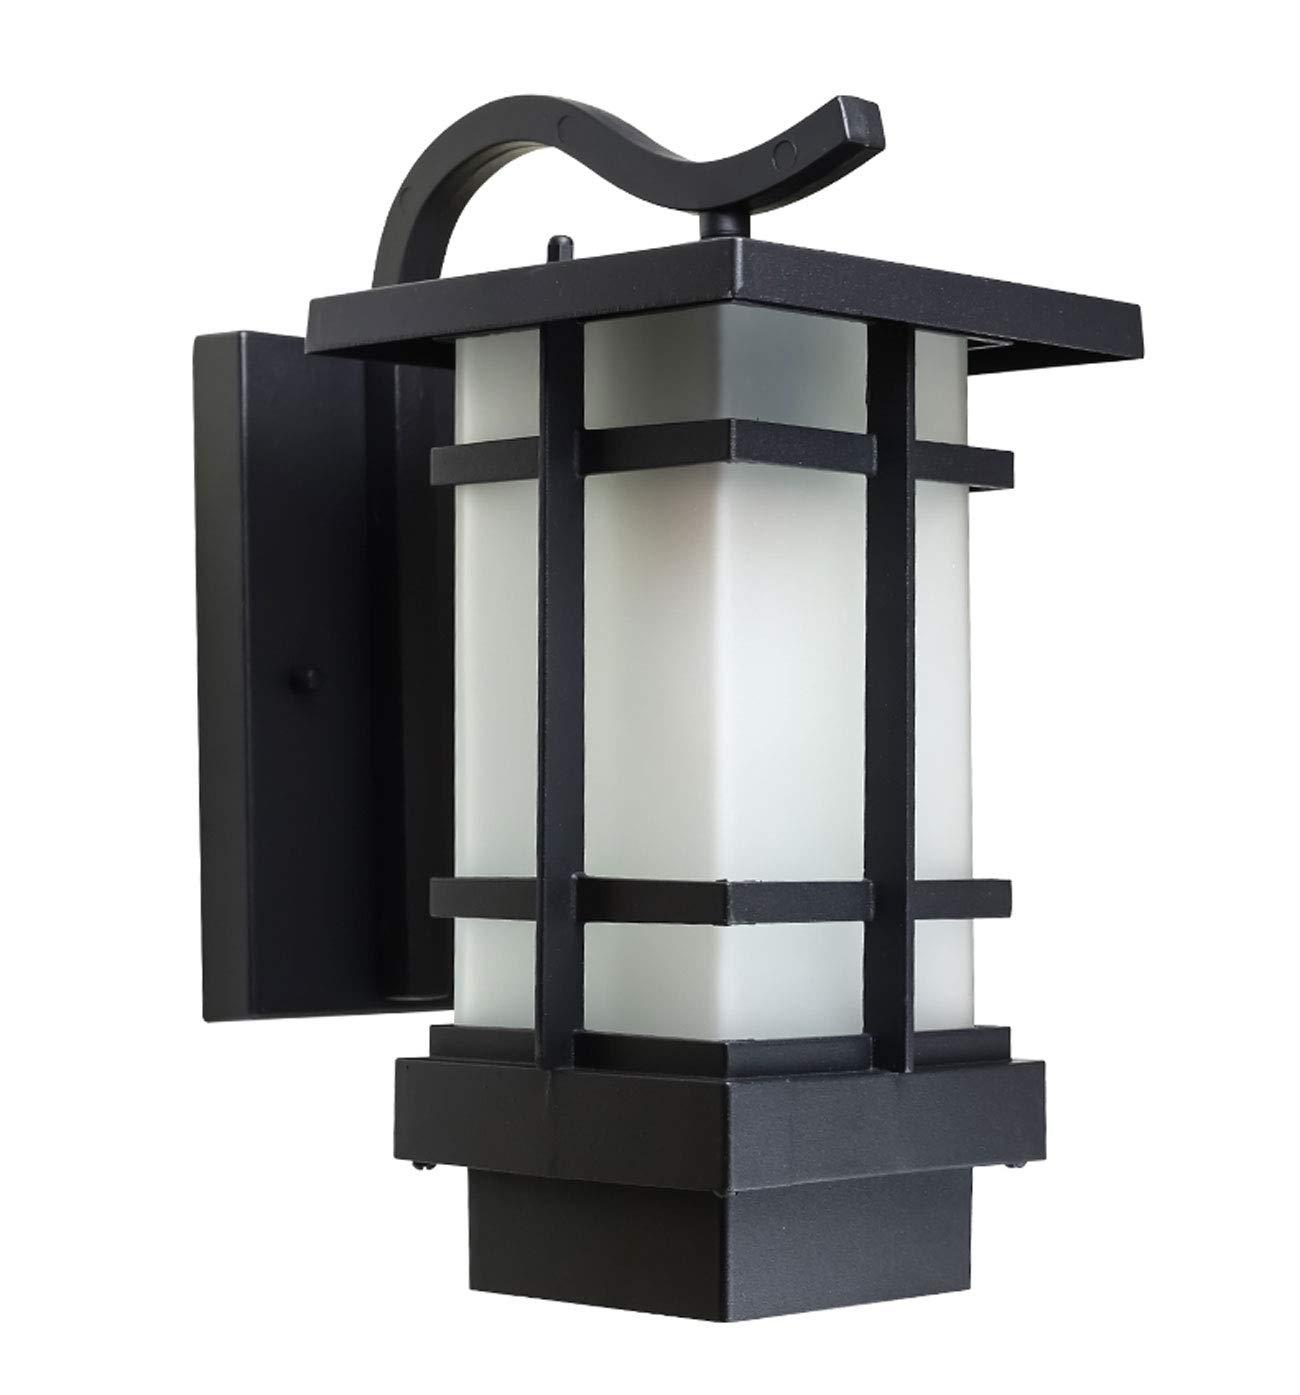 屋外防水壁ランプレトロ屋外ランプ庭の通りランプバルコニー照明ドアドアウォールランプテラスランプサイズ16 * 24 * 33cmブラック B07JZCGFVM